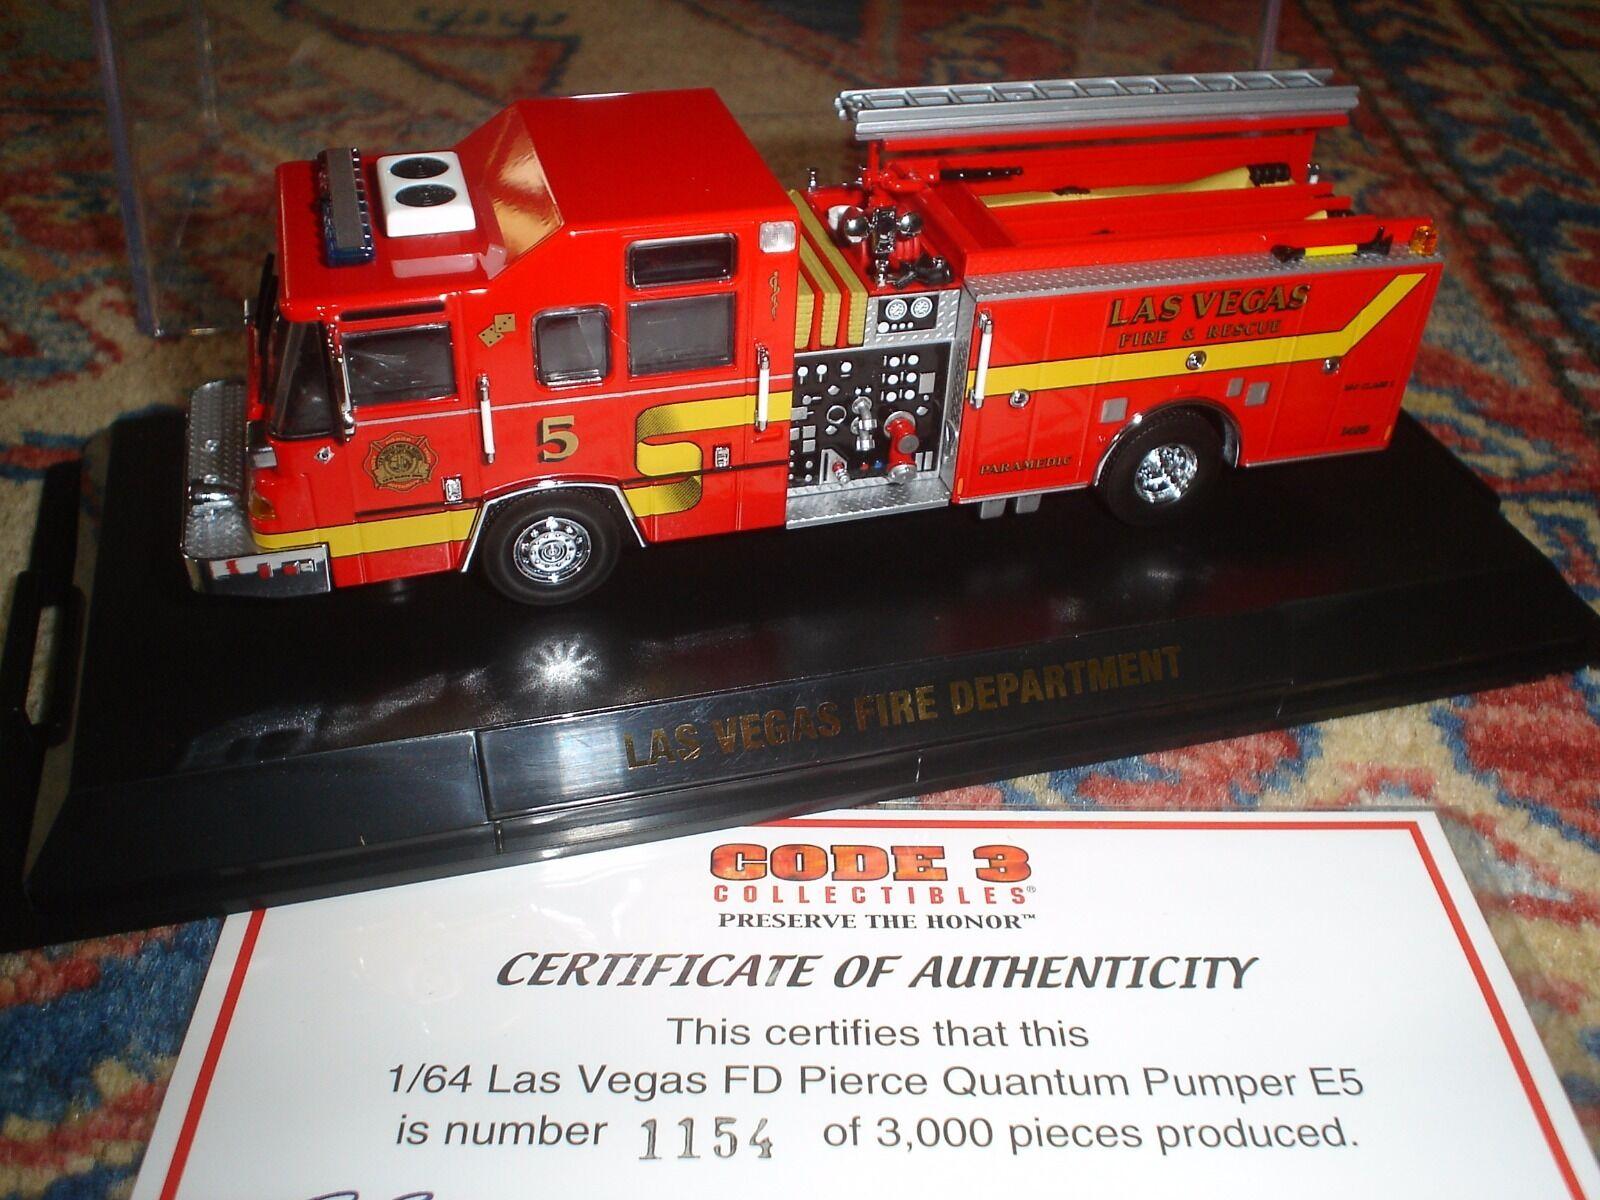 CODE 3 – FDNY  – LAS VEGAS  FIRE DEPT. PIERCE QUANTUM PUMPER  E5